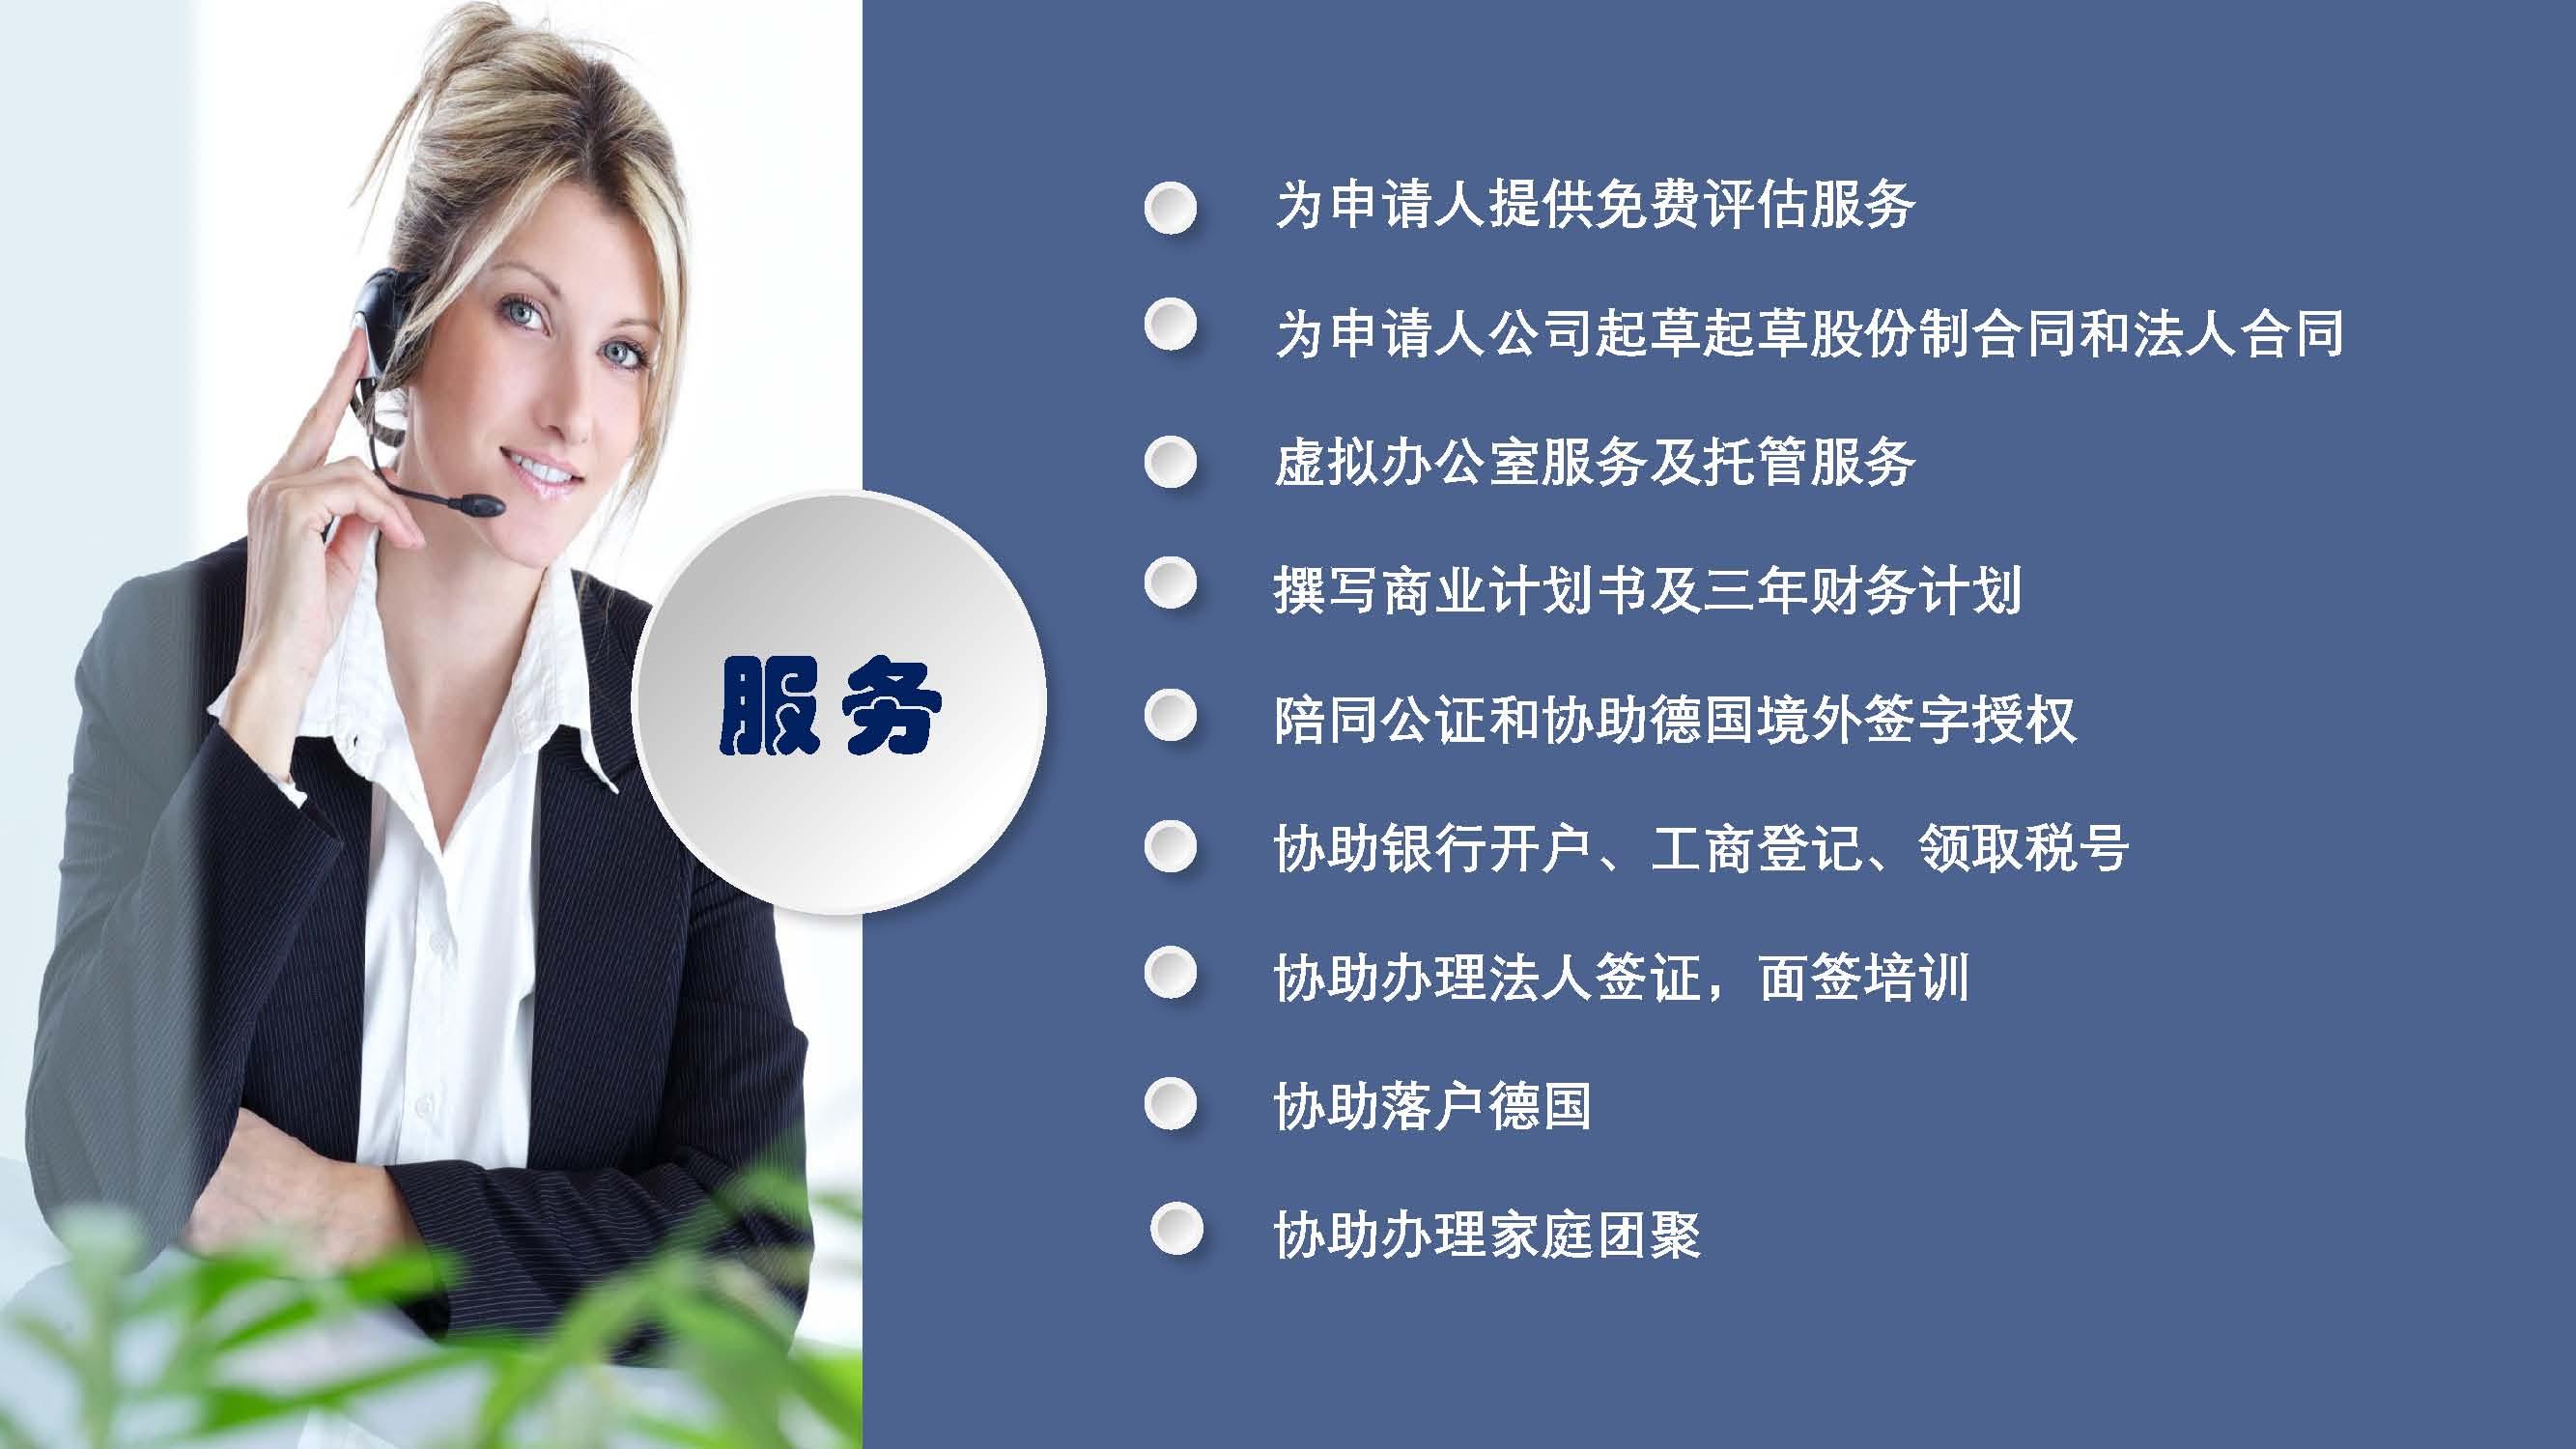 德国建立公司以及法人签证_页面_09.jpg